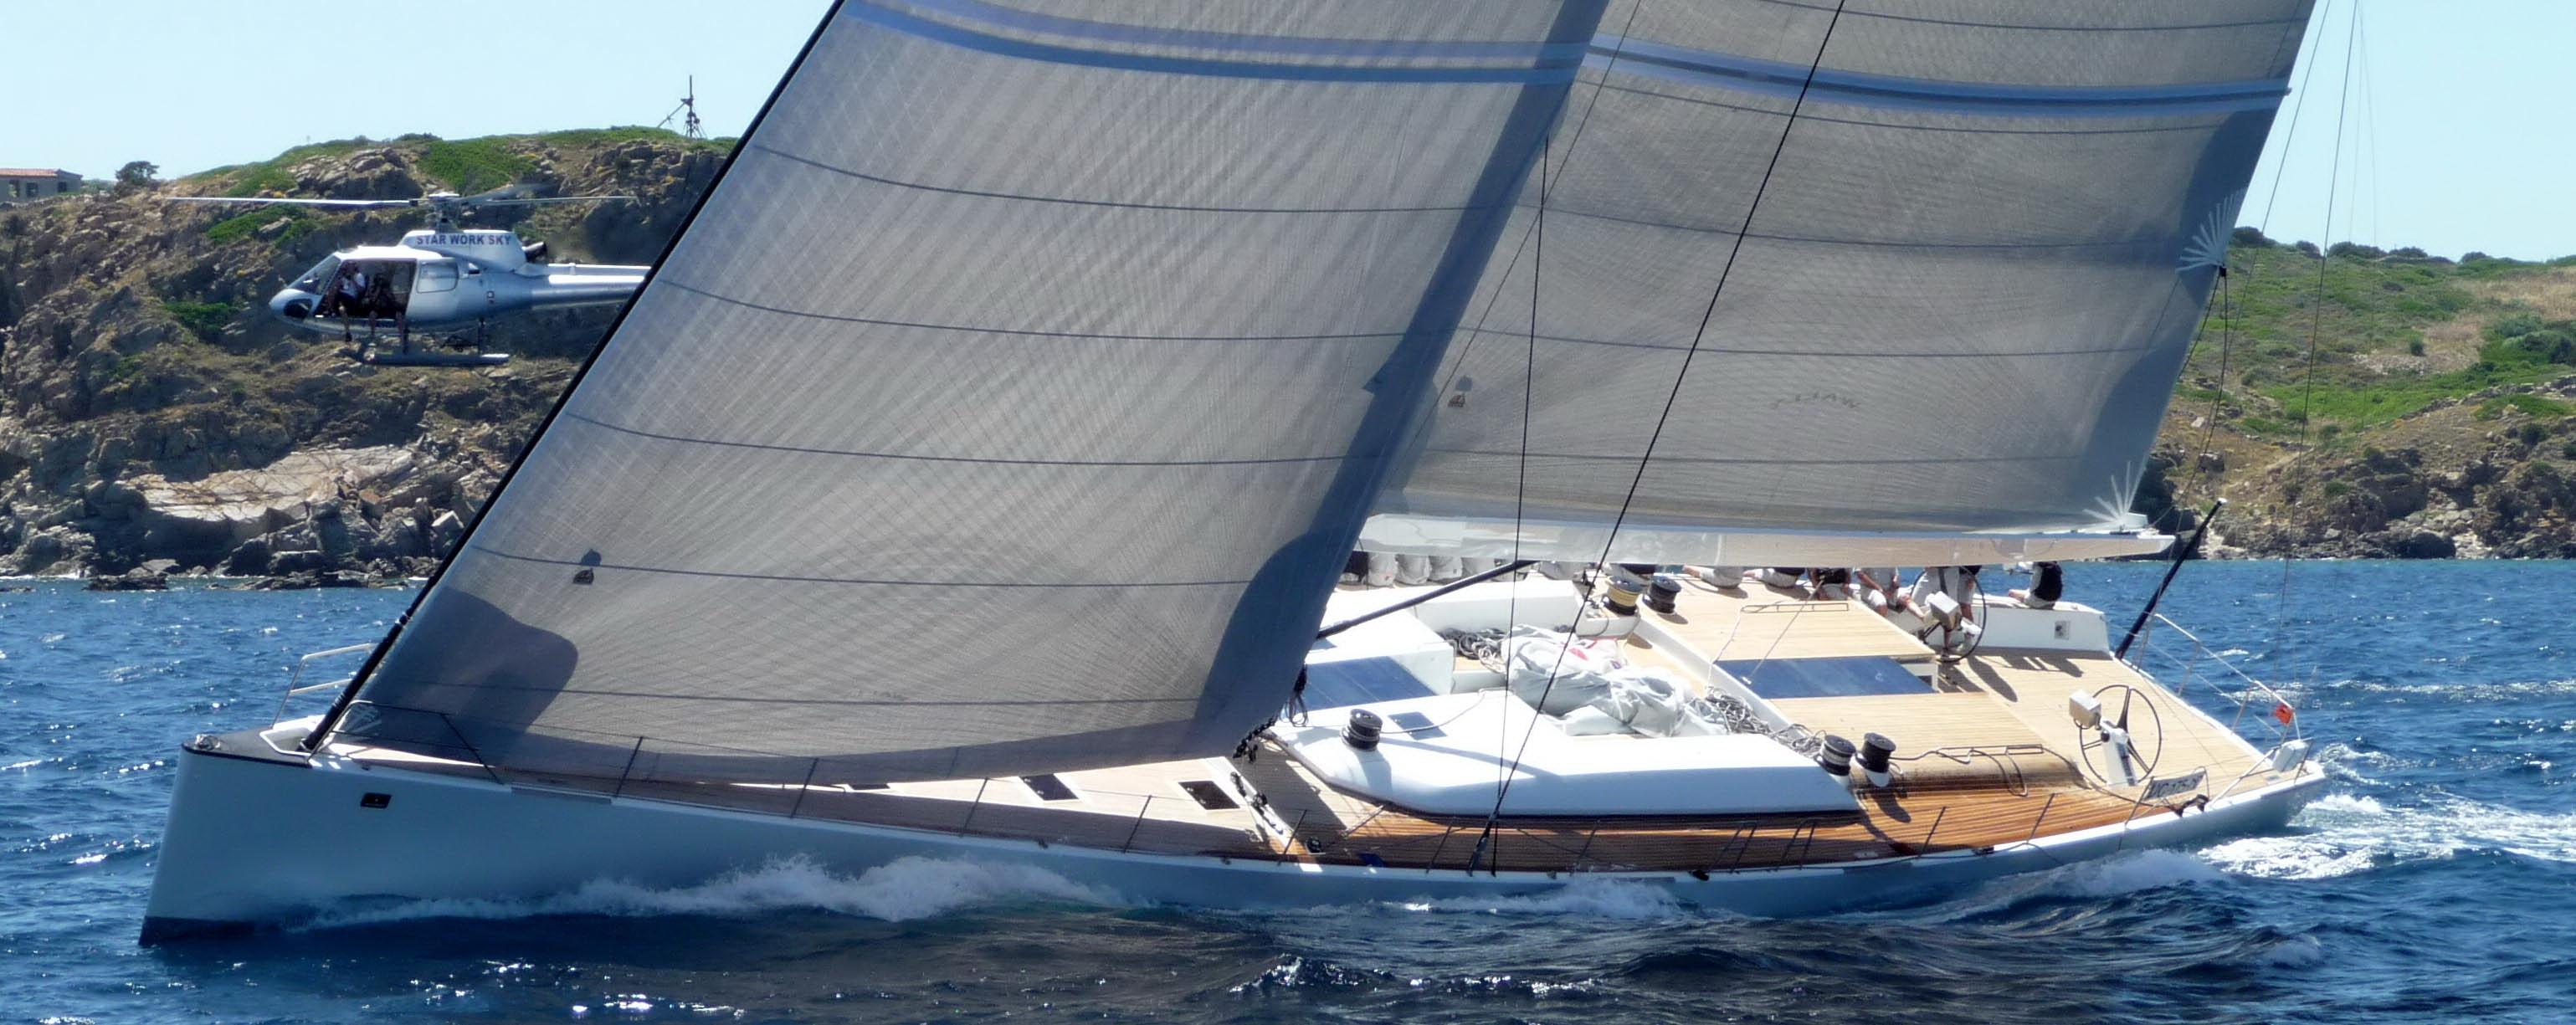 about us doyle sails italia